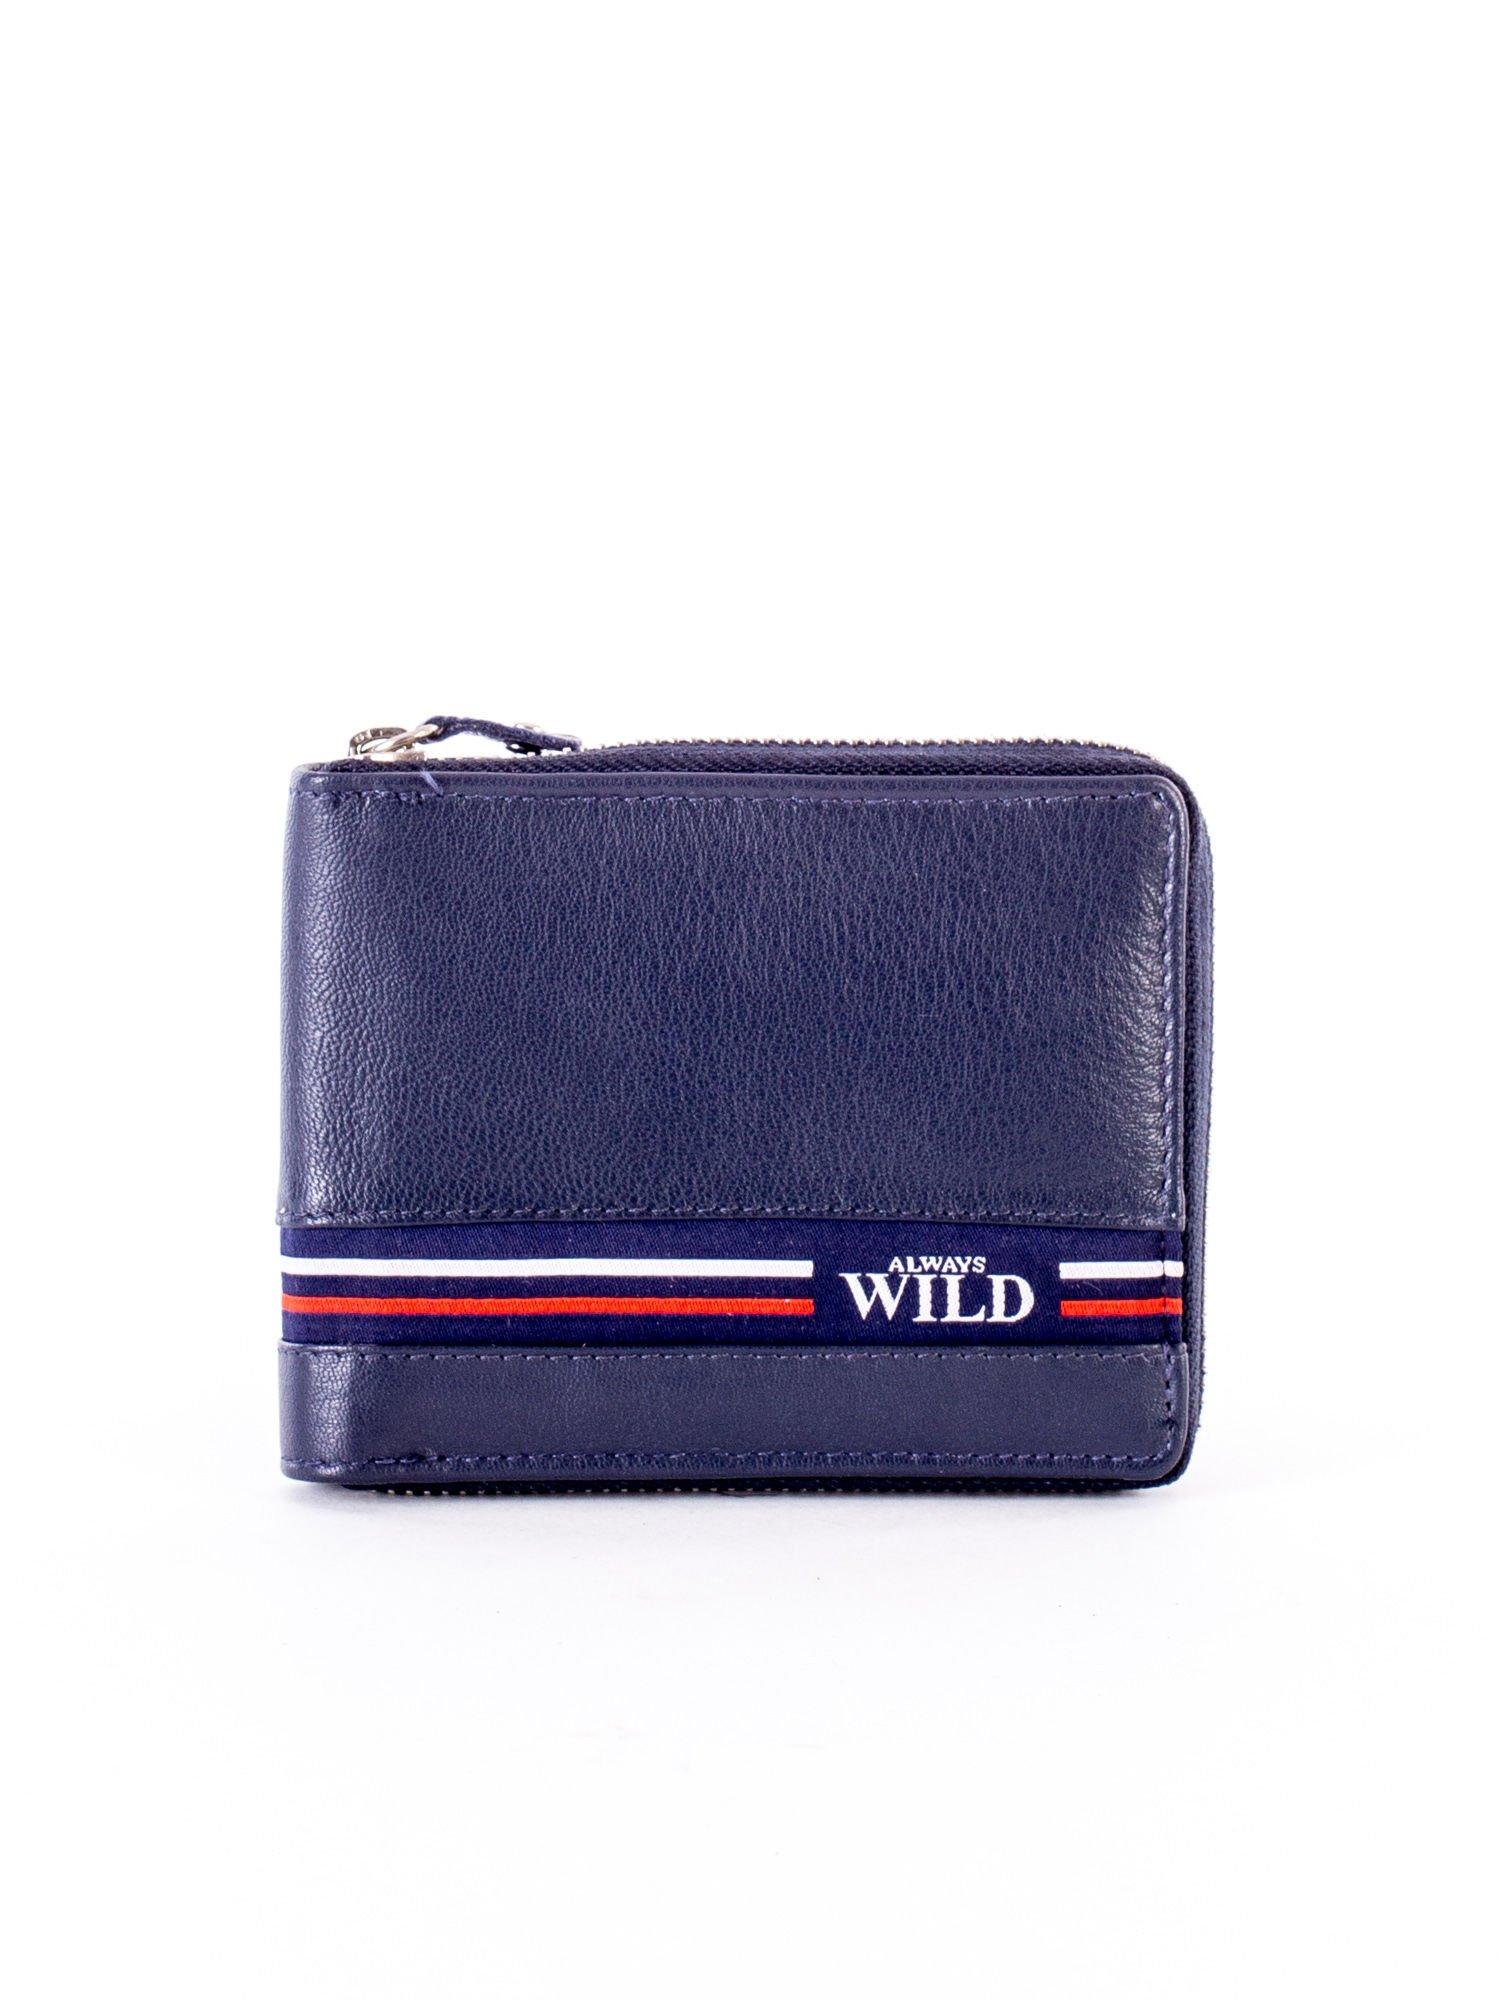 fdd50bbc80ae1 Granatowy portfel dla mężczyzny ze skóry naturalnej - Mężczyźni portfel  męski - sklep eButik.pl